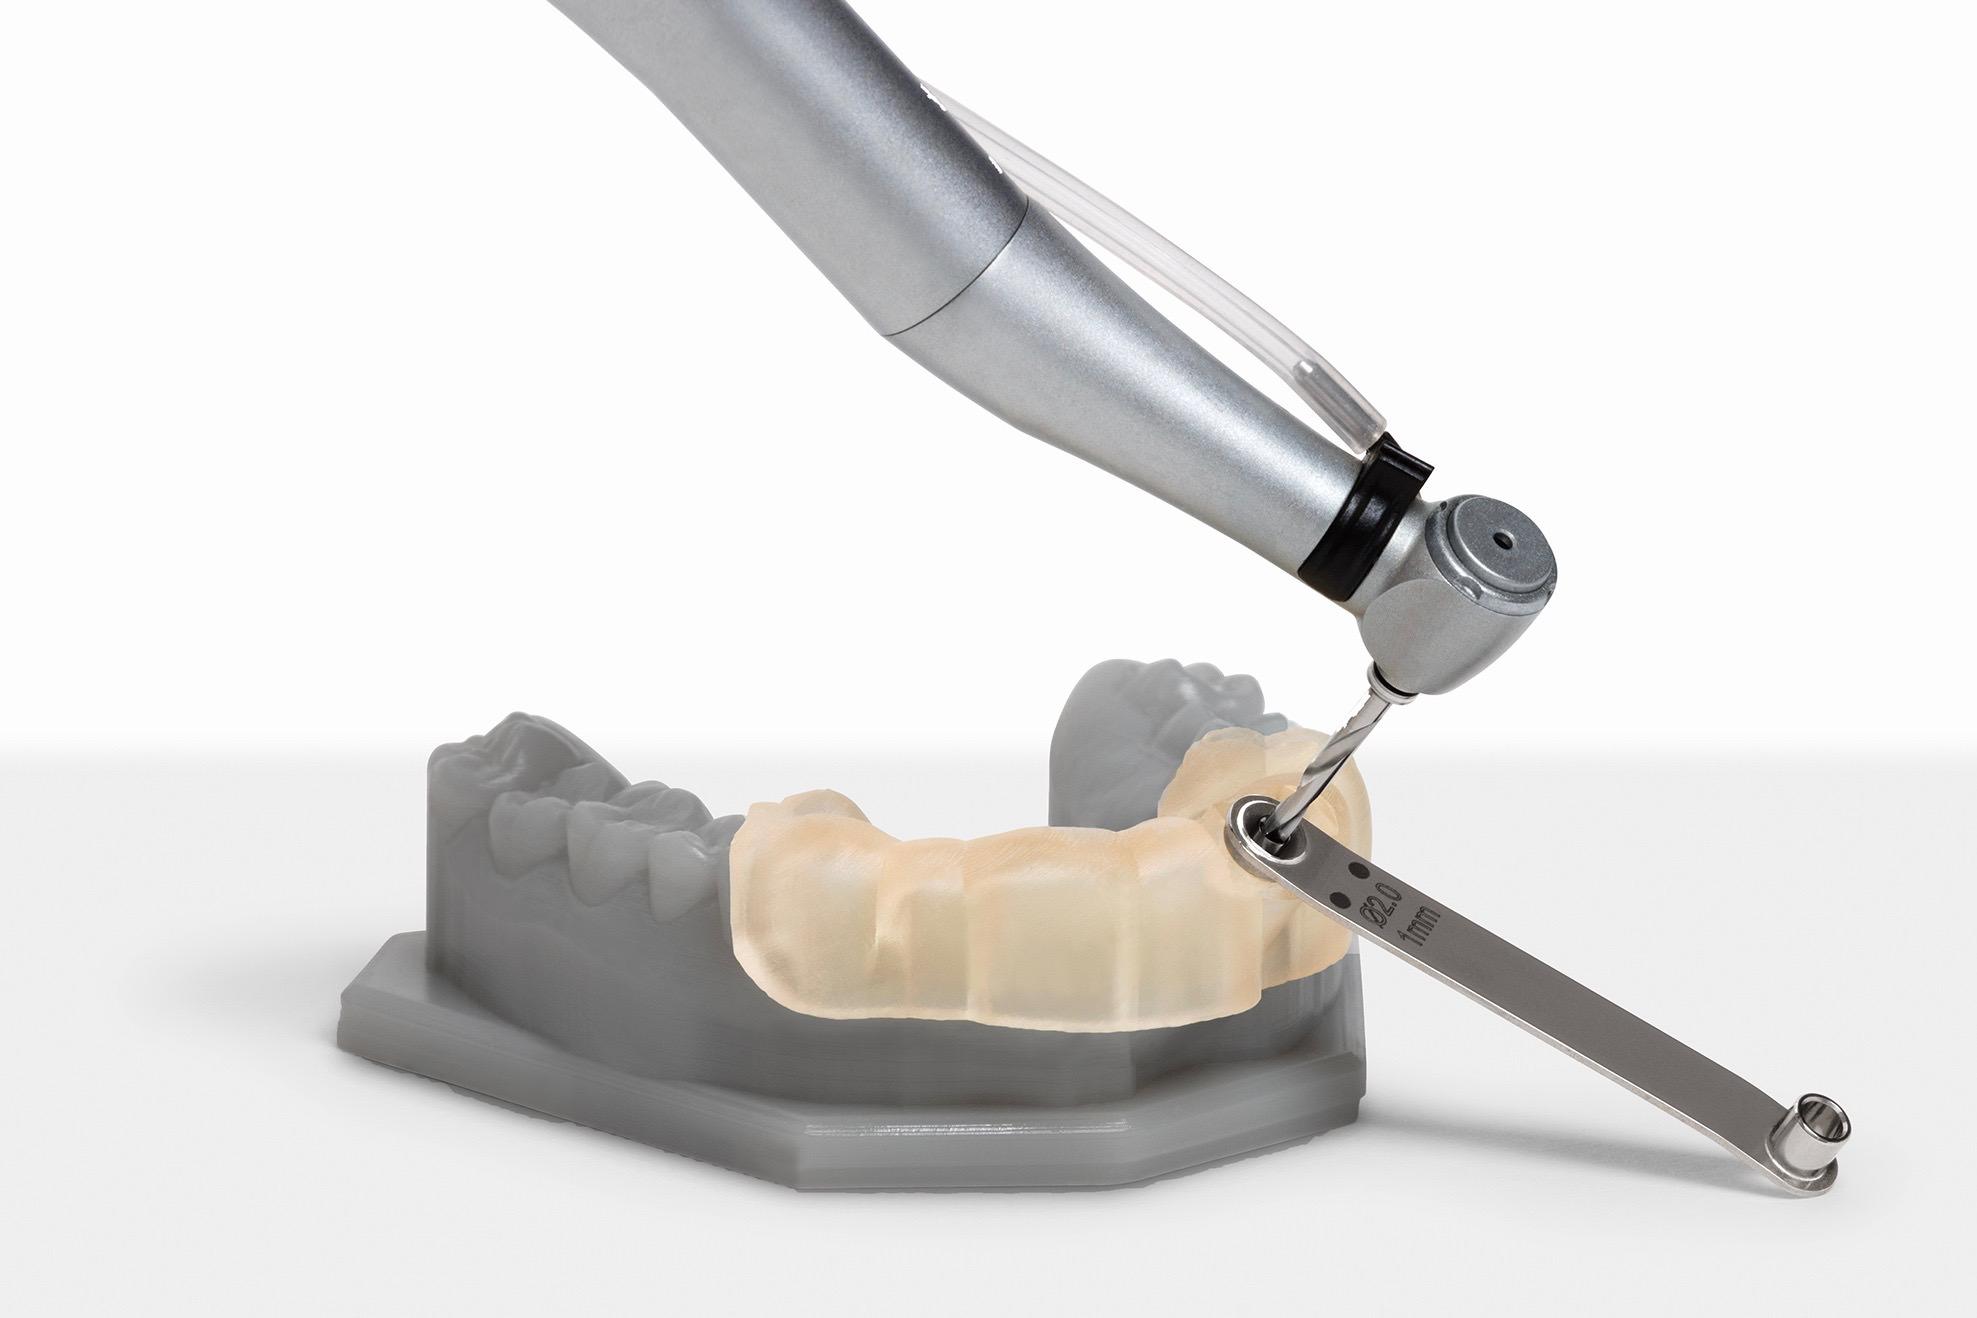 Auf dem Form 2 gedrucktes Dentalmodell mit biokompatibler Bohrschablone.